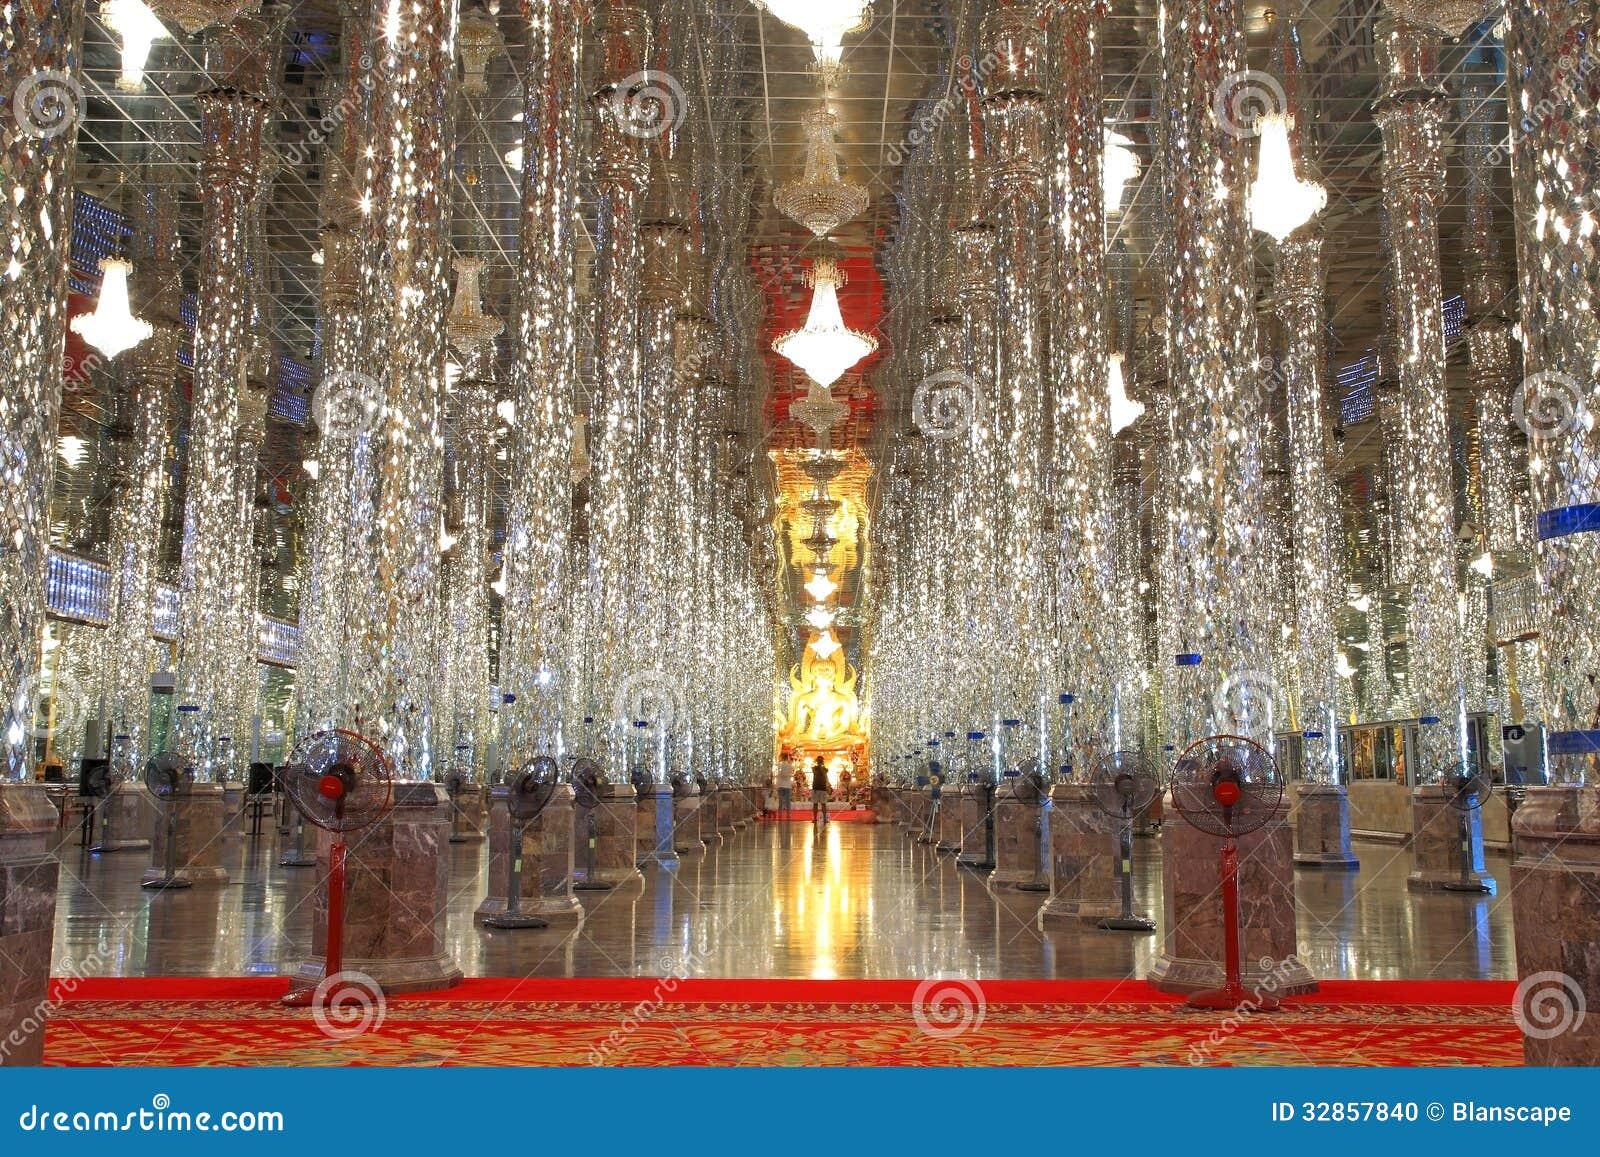 Uthai Thani Thailand  city images : UTHAI THANI, THAILAND MAY 14: glass pillars and golden Buddha statue ...